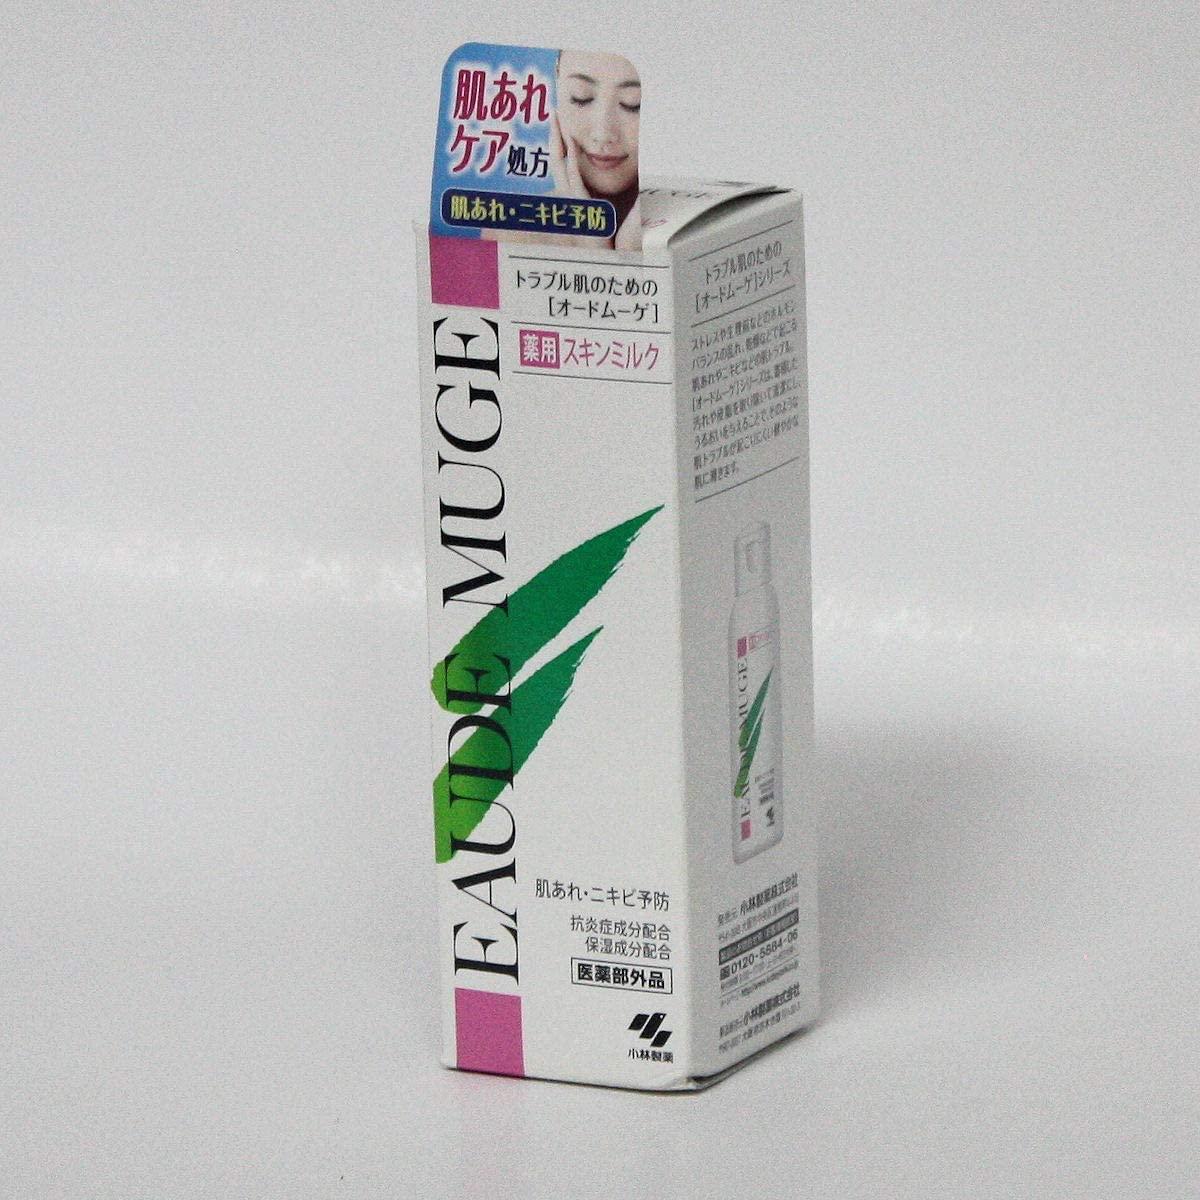 EAUDE MUGE(オードムーゲ)薬用スキンミルクの商品画像6